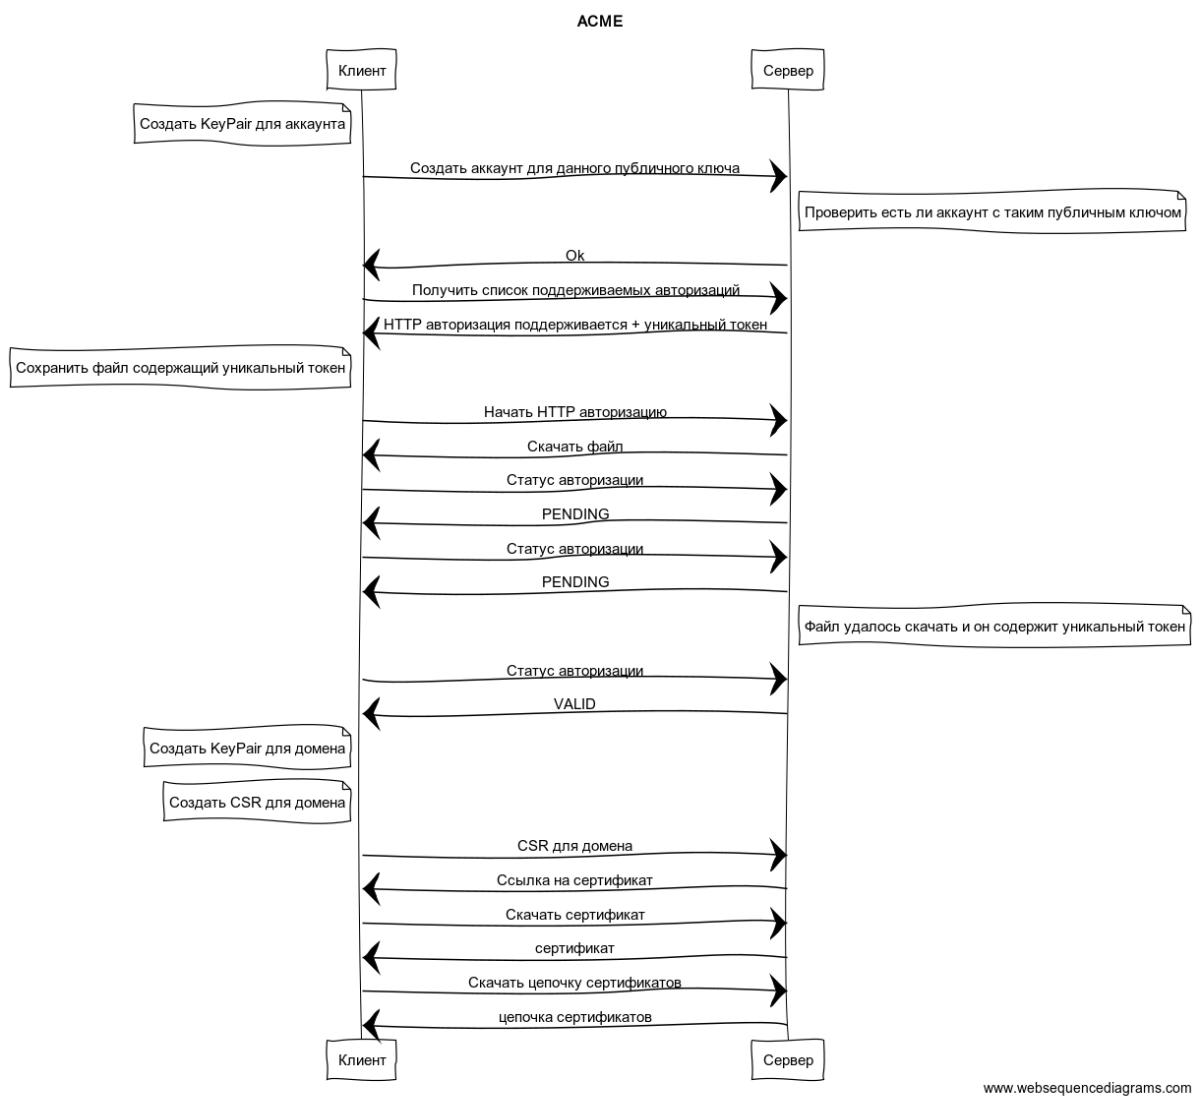 Управление сертификатами с помощью протокола ACME - 2